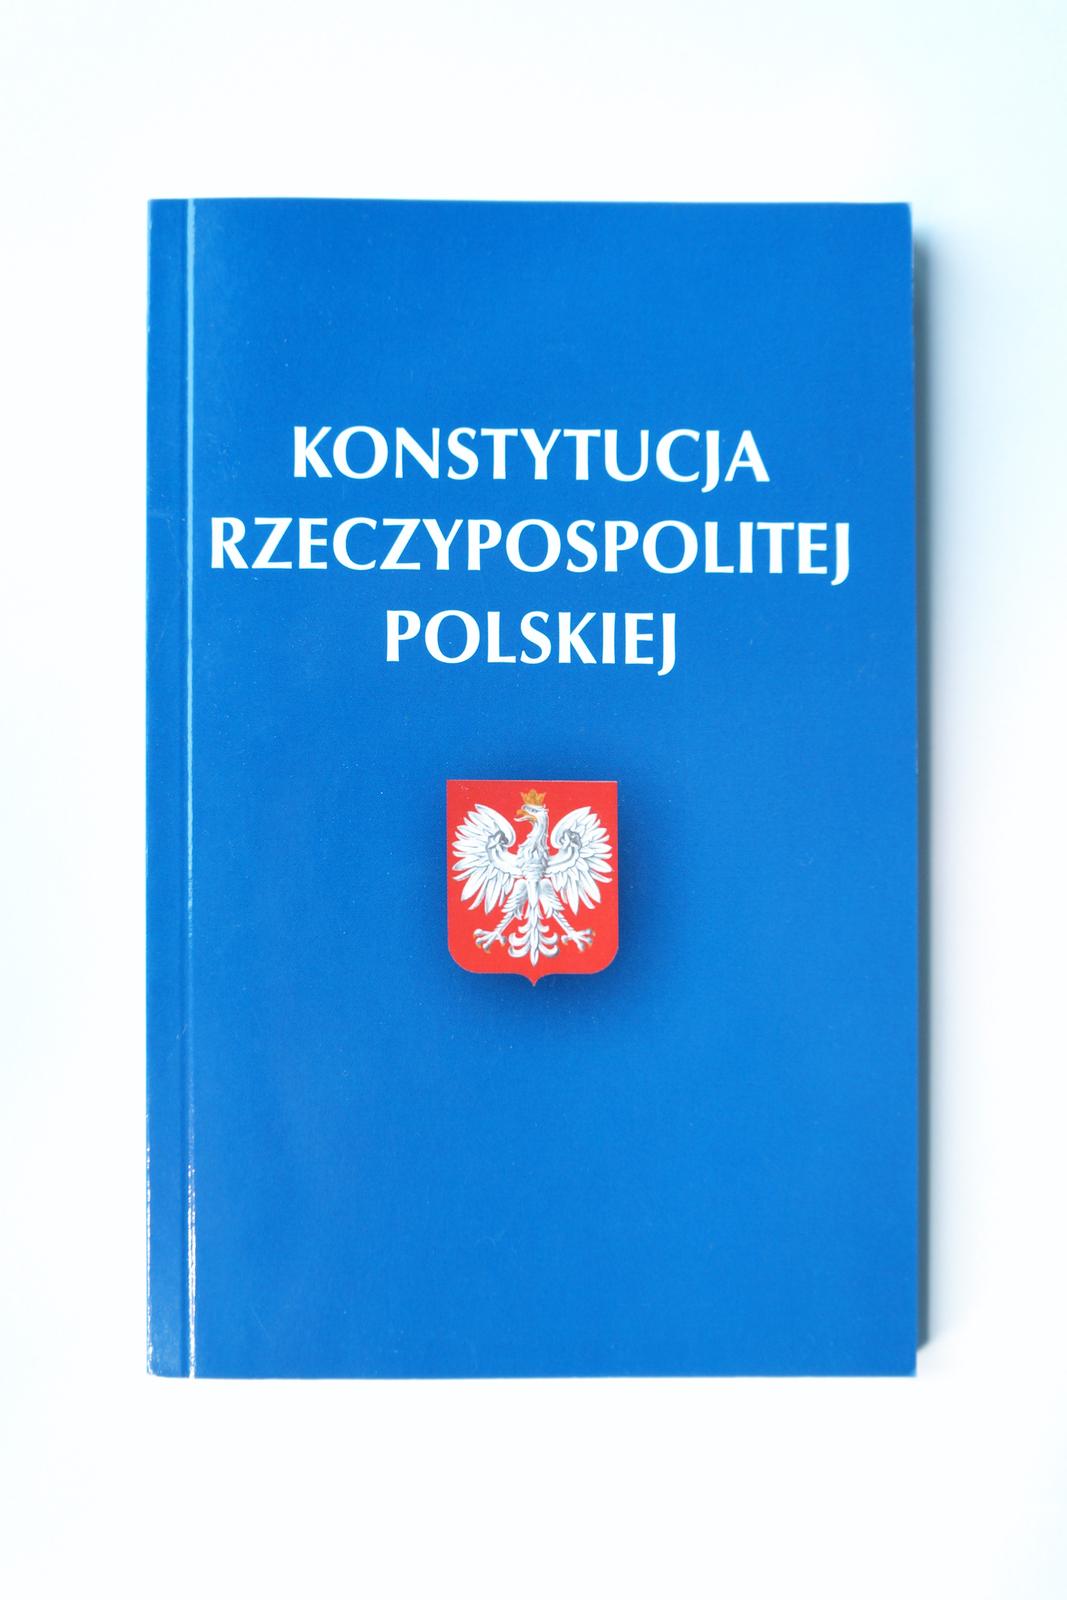 Ilustracja przedstawia prostokątną okładkę książki, na której umieszczono biały napis Konstytucja Rzeczypospolitej Polskiej. Poniżej godło Polski – biały orzeł na czerwonym tle. Głowa orła skierowana jest wprawo.